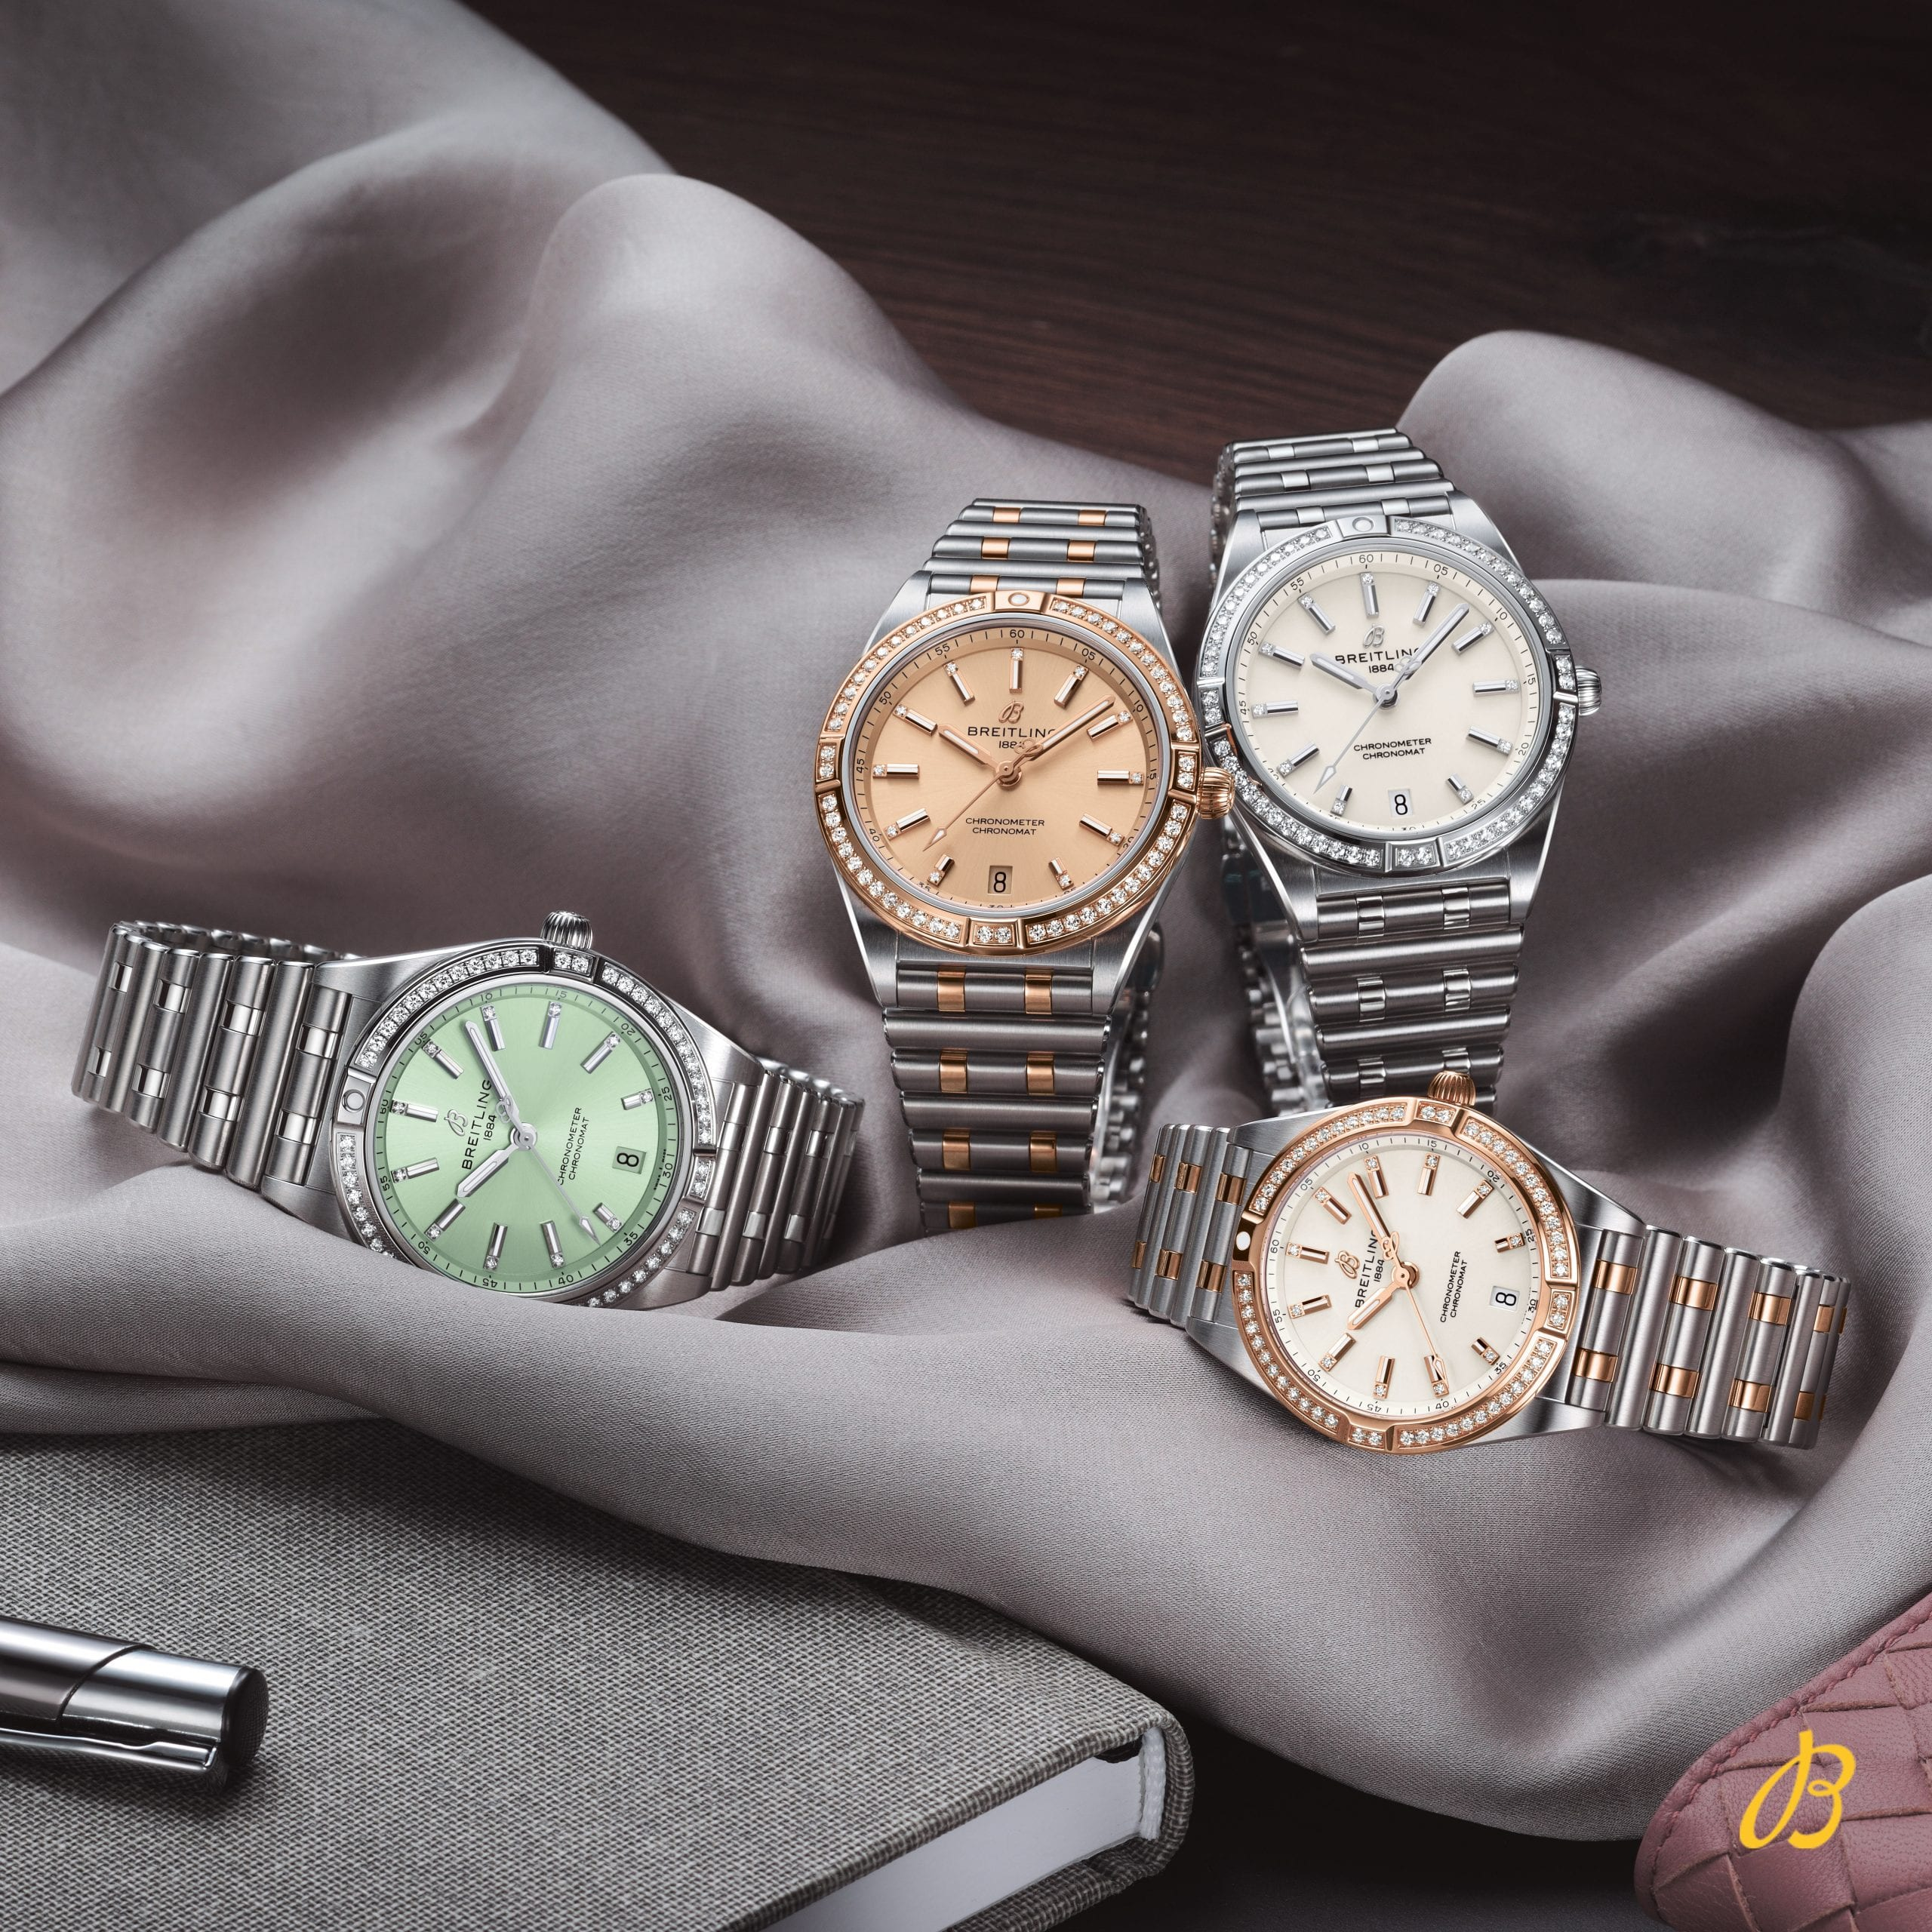 Horloges - Fliers Juweliers - Horloges van topmerken zoals Breitling, Tag Heuer, Longines, Rado